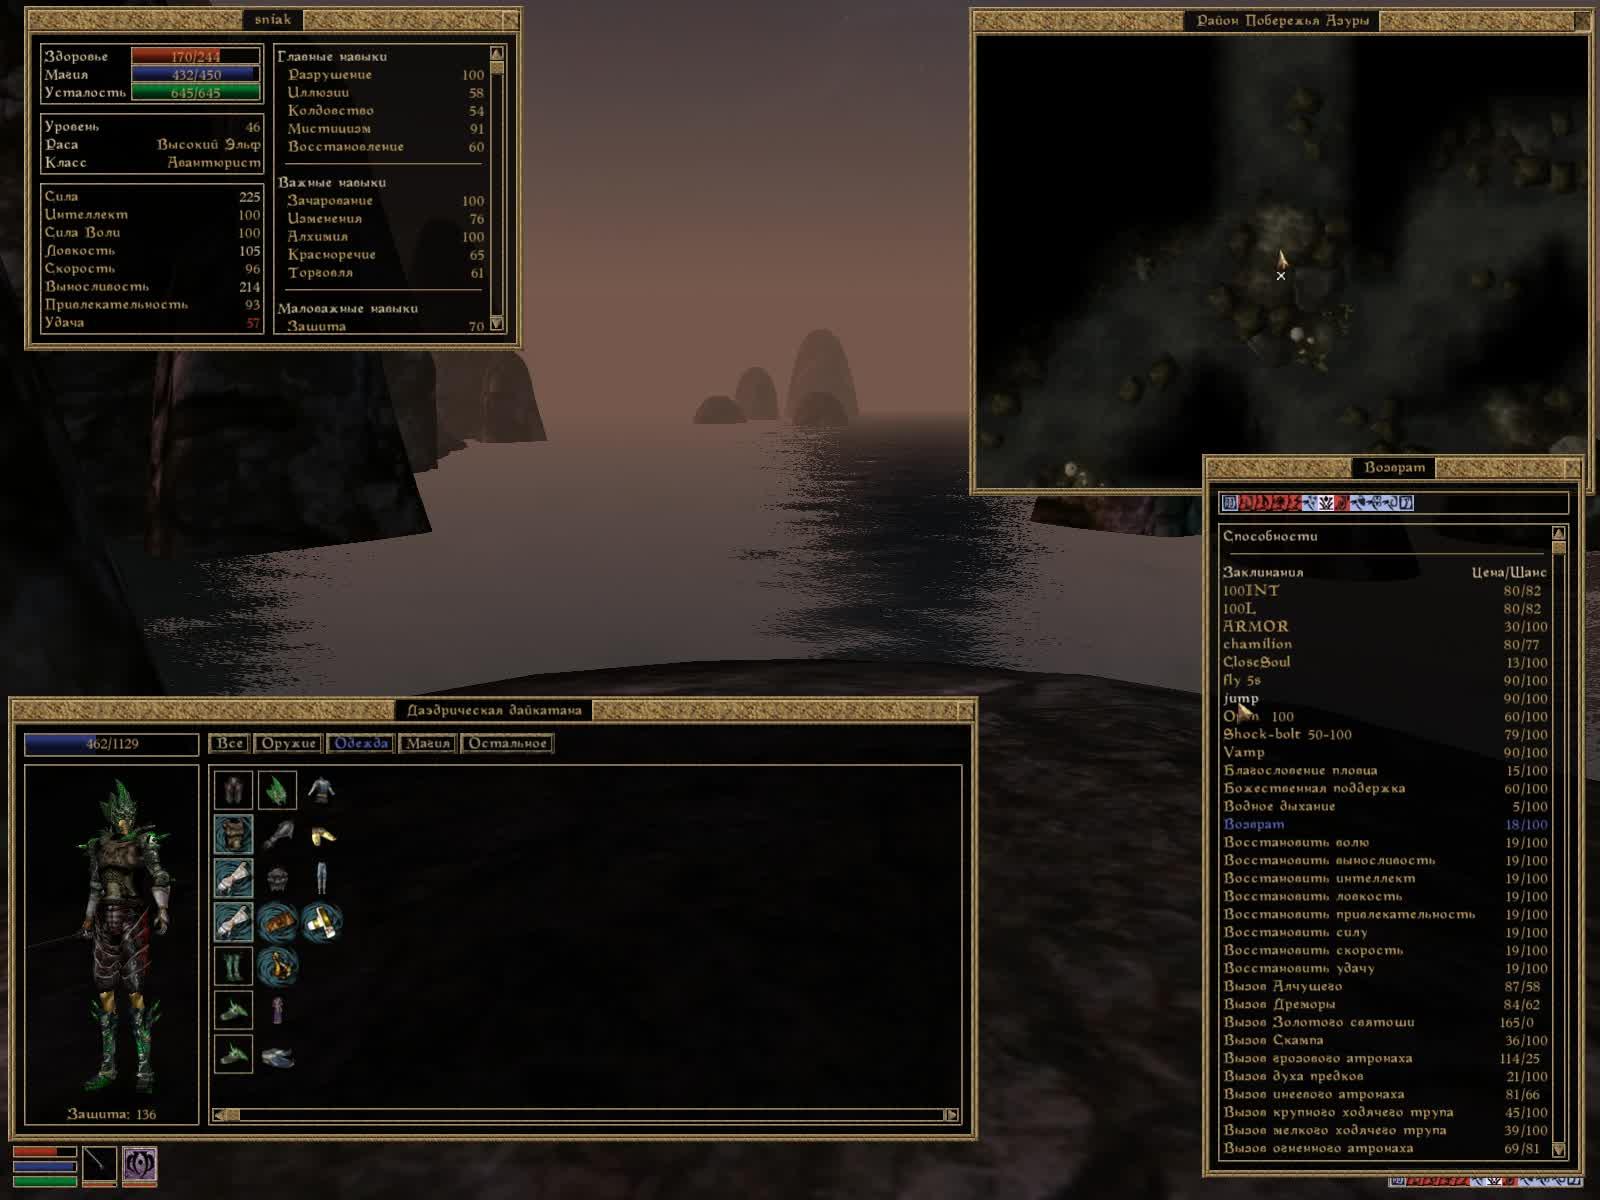 Elder Scrolls 3 Morrowind GIFs